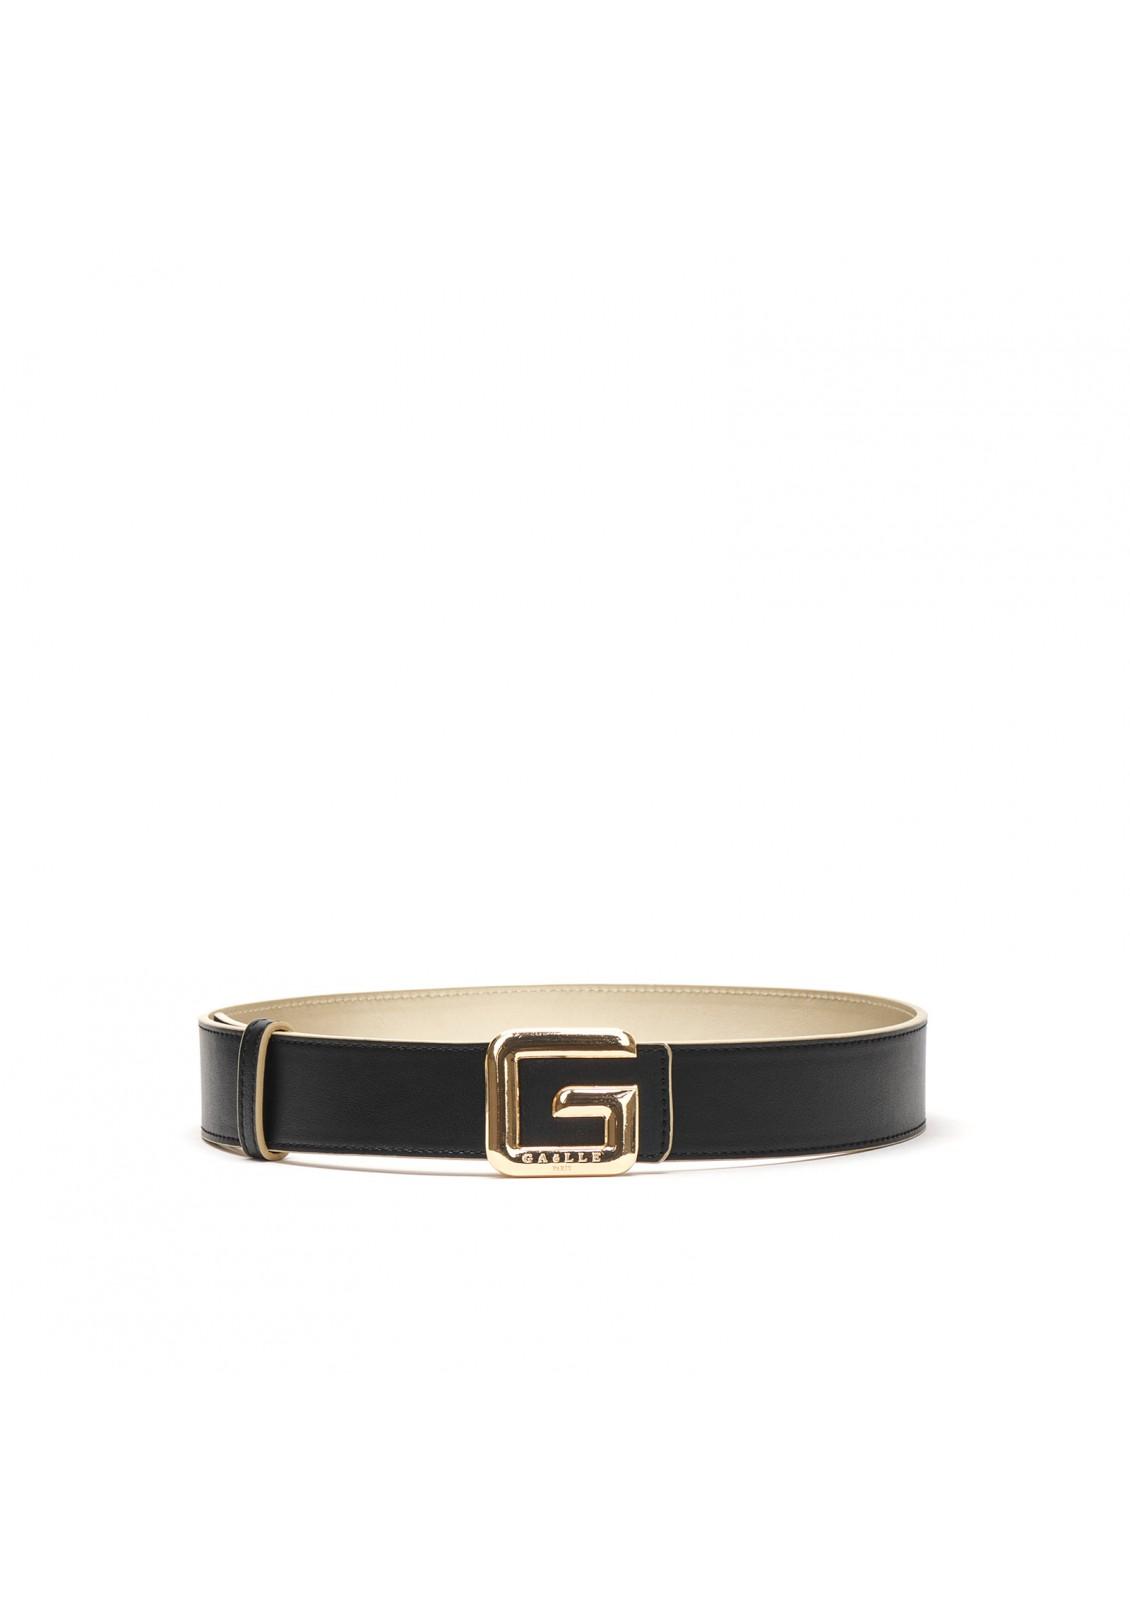 Cintura reversibile con fibbia G GAELLE paris   GBDA2687NERO ORO